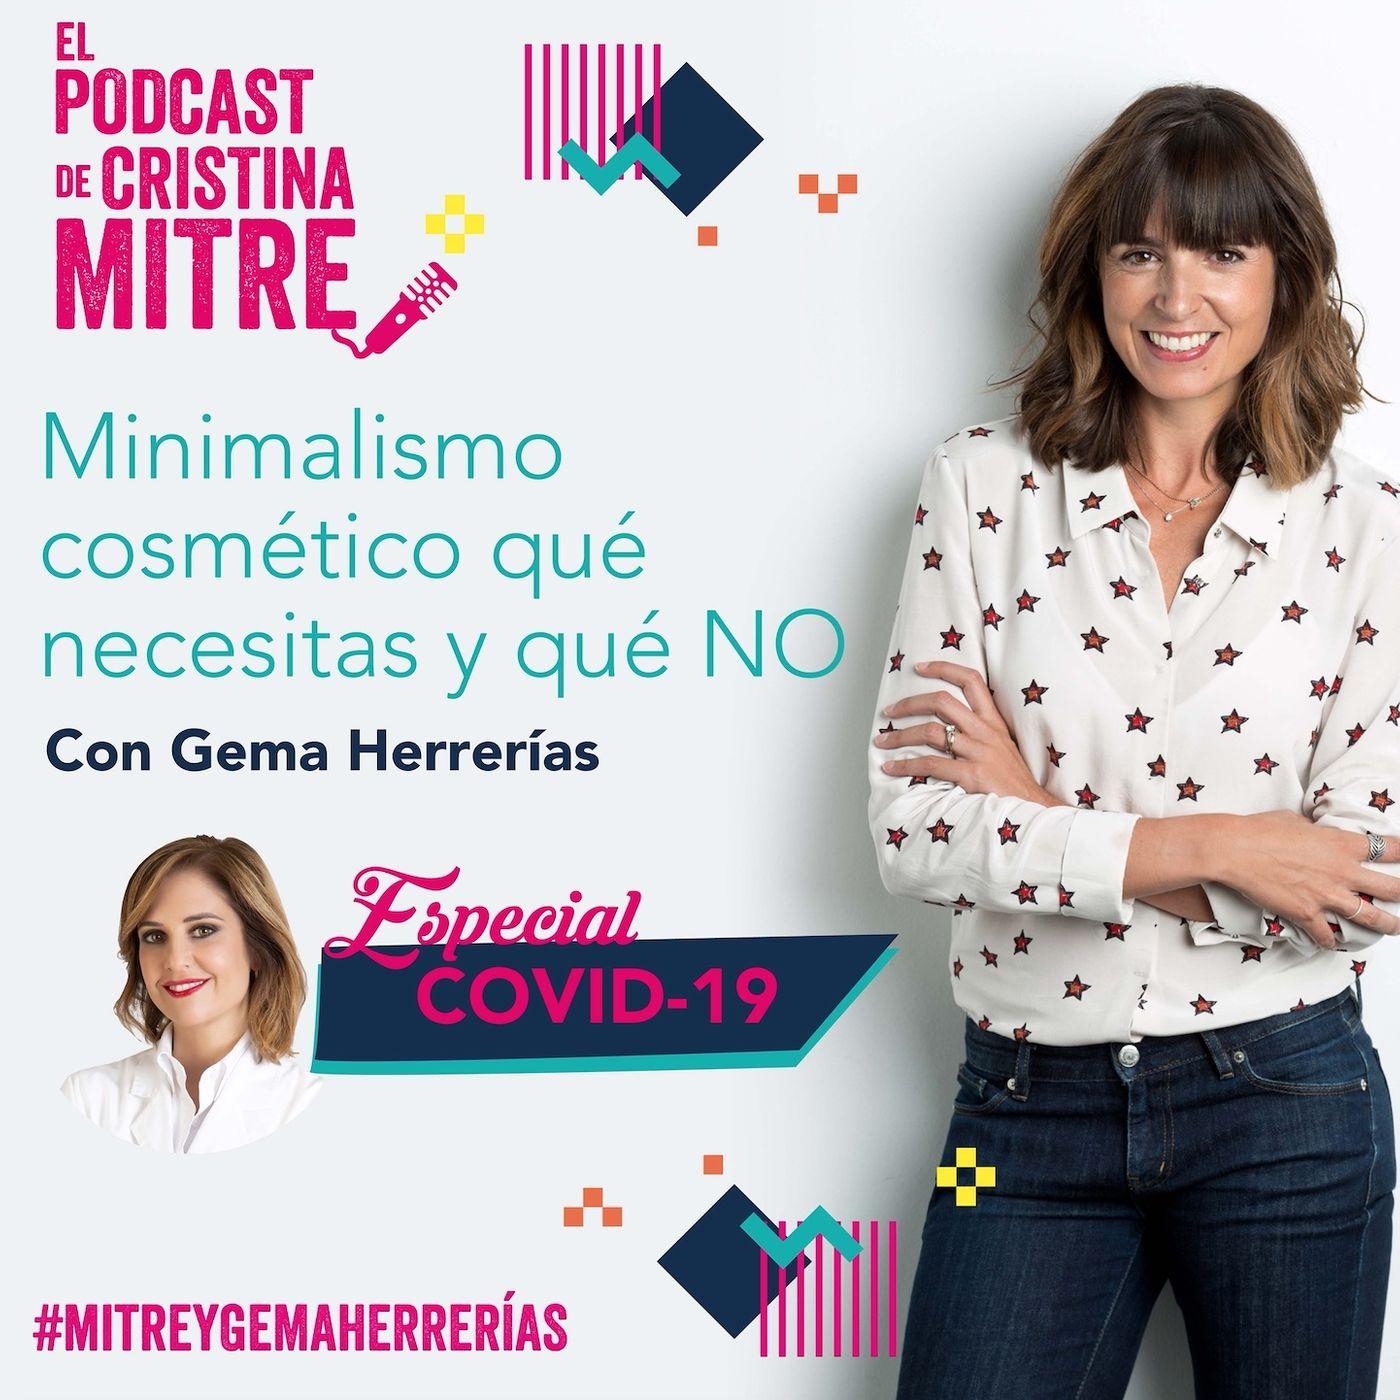 ¿Se adhiere el coronavirus a las cremas y maquillajes? Entrevista a Gema Herrerías. Especial COVID-19